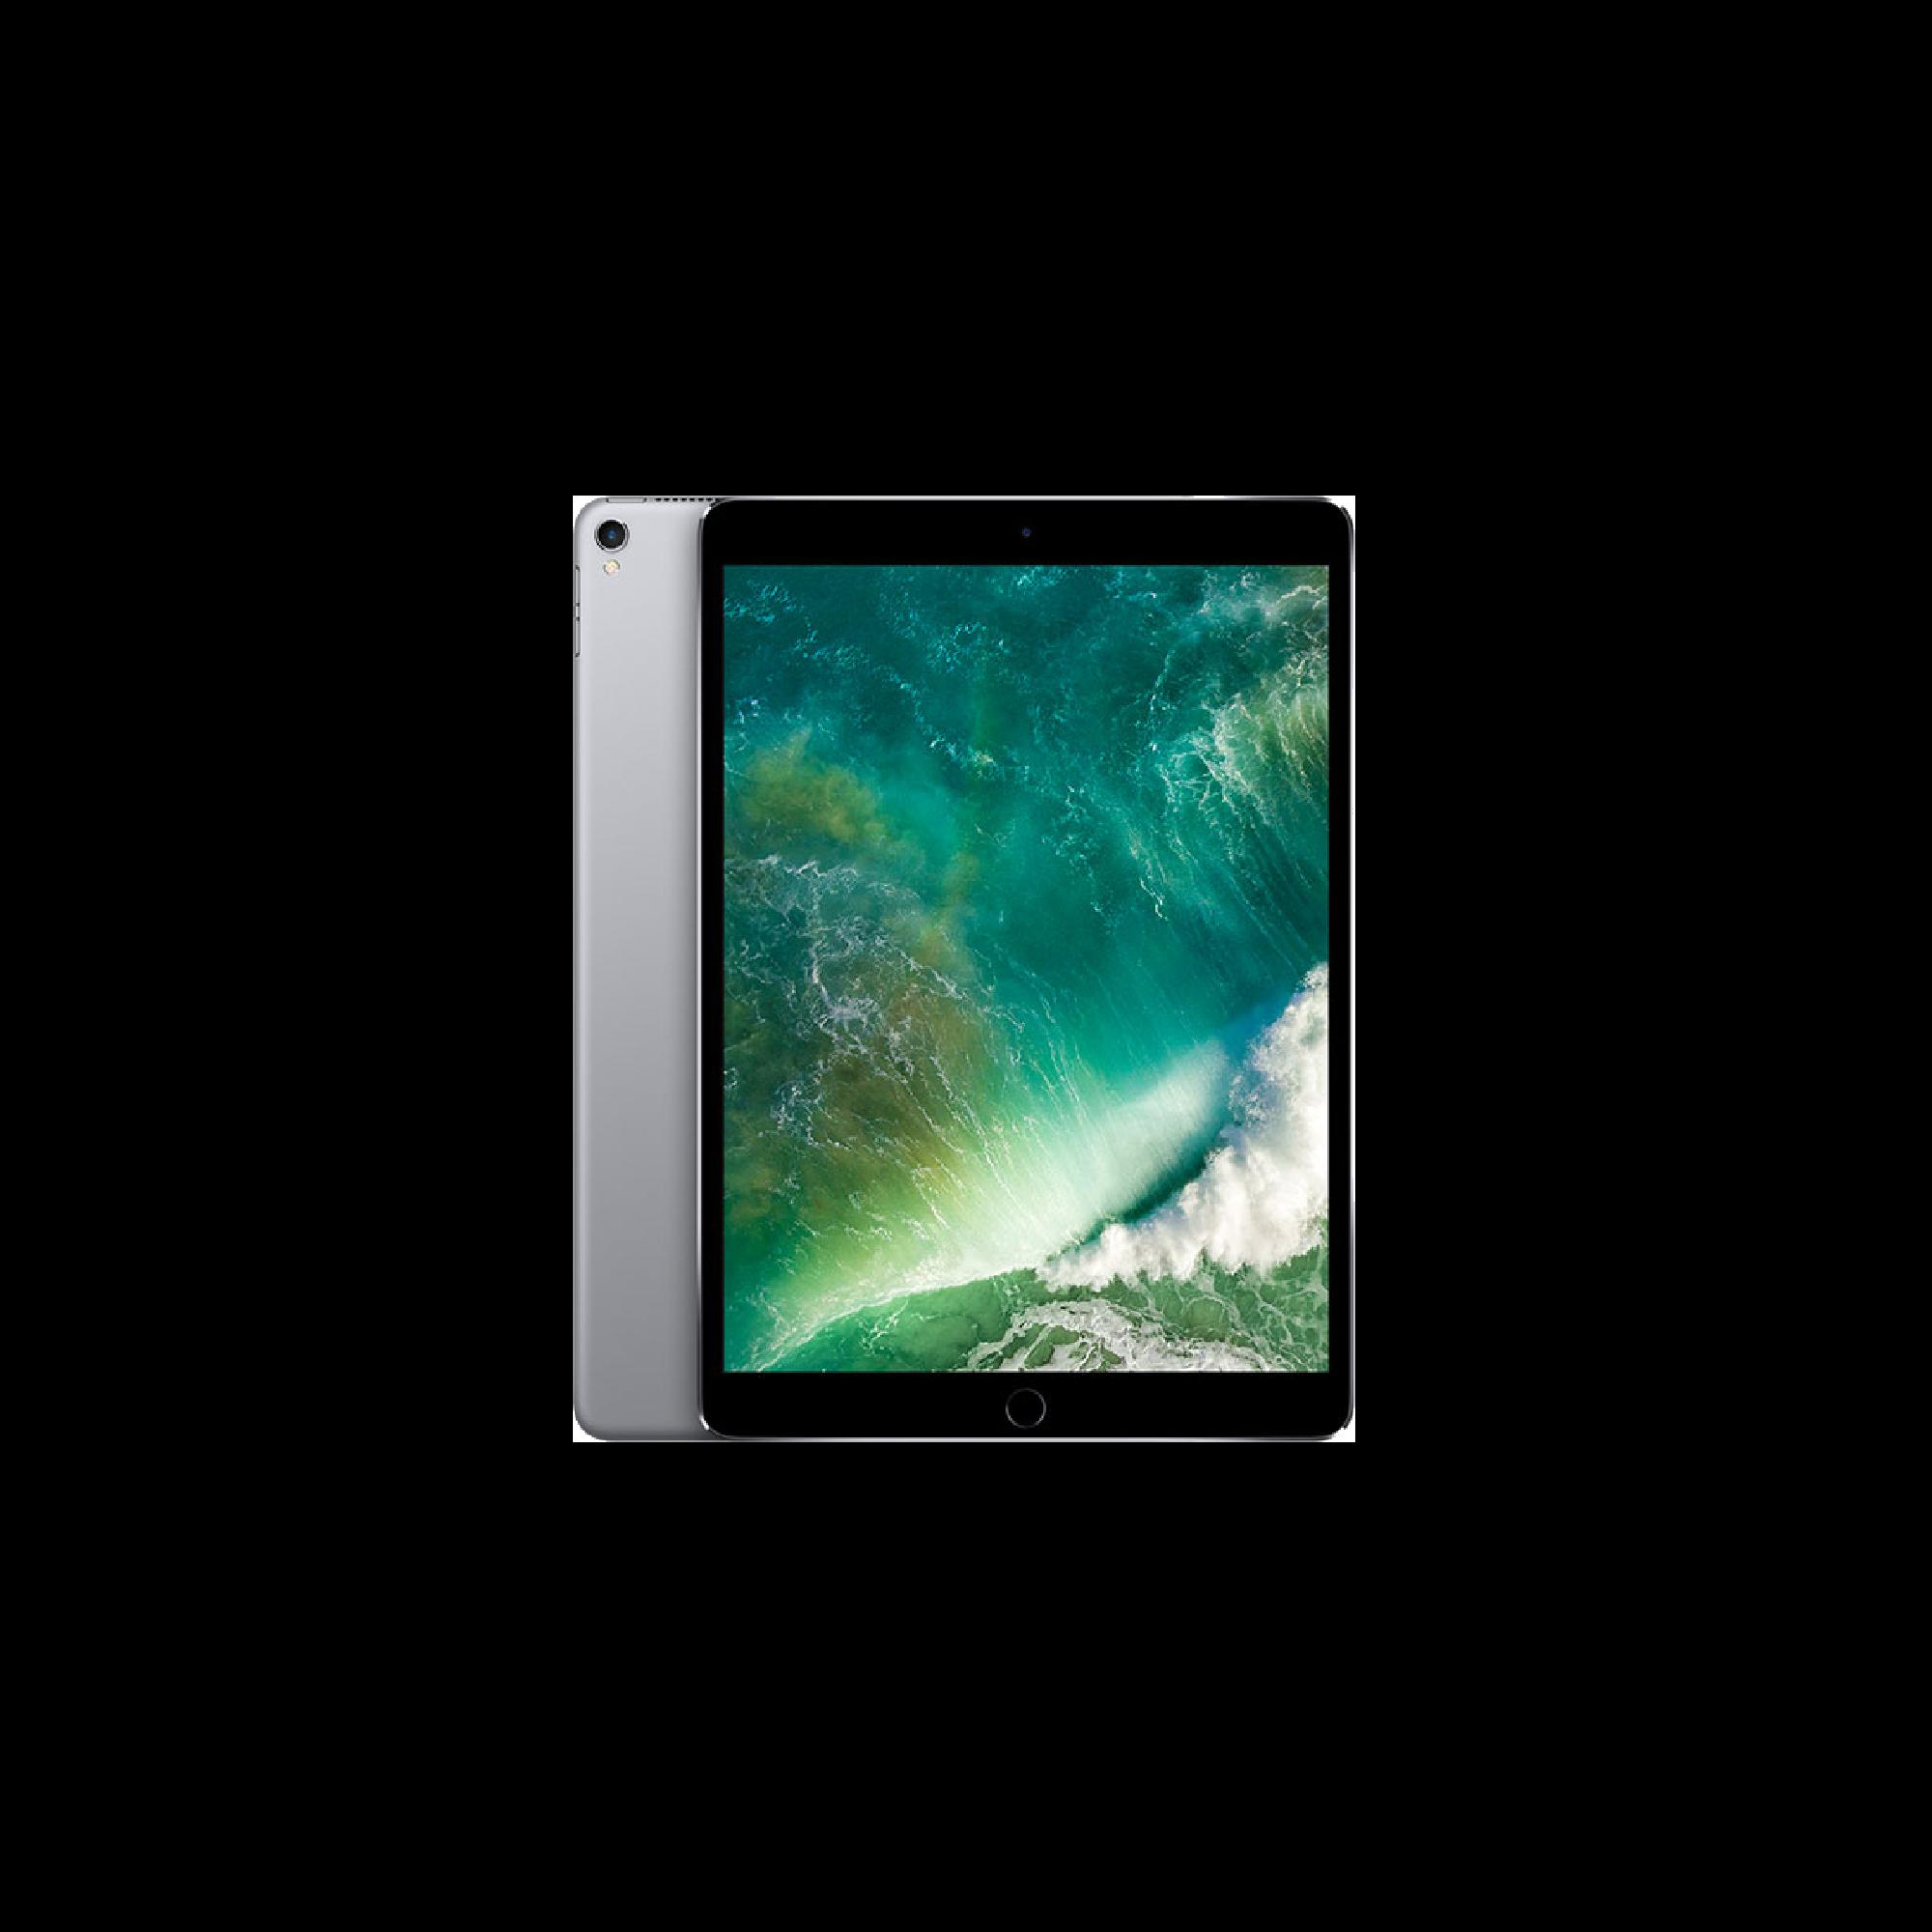 iPad Pro 10.5 1st Gen  | $250 + tax